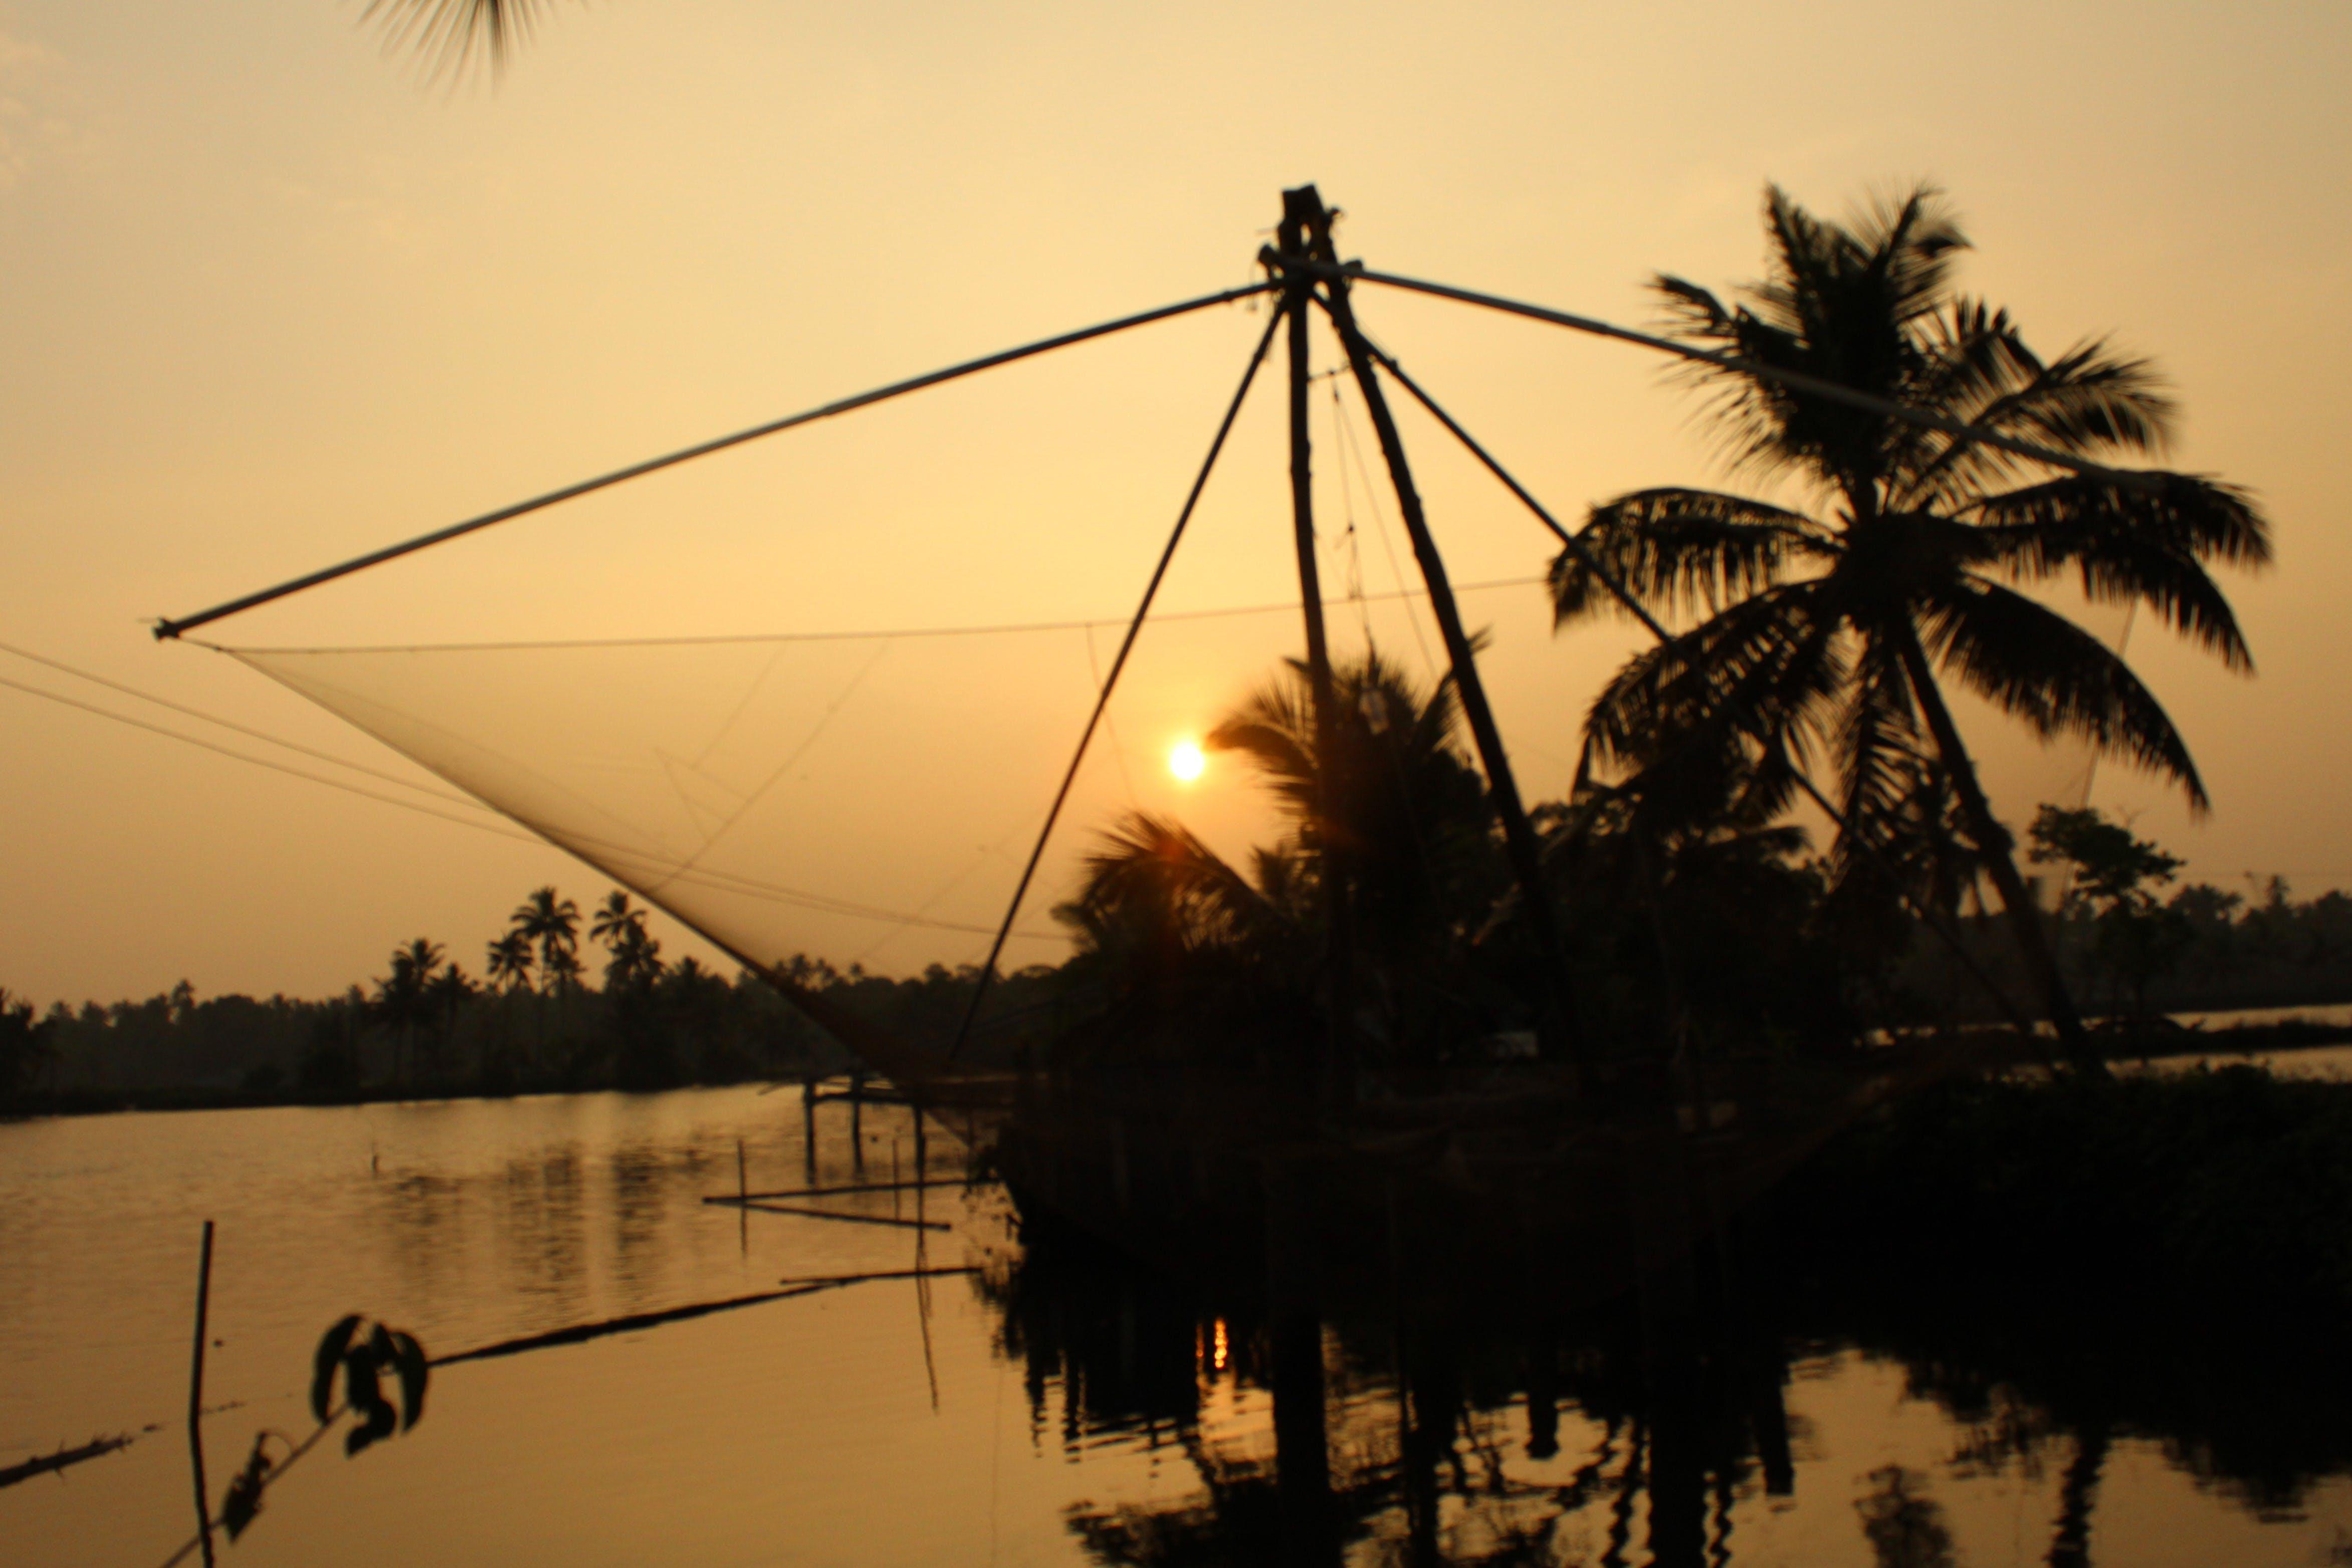 Kostenloses Stock Foto zu fischnetz, landschaft, natur-hintergrund, palmen